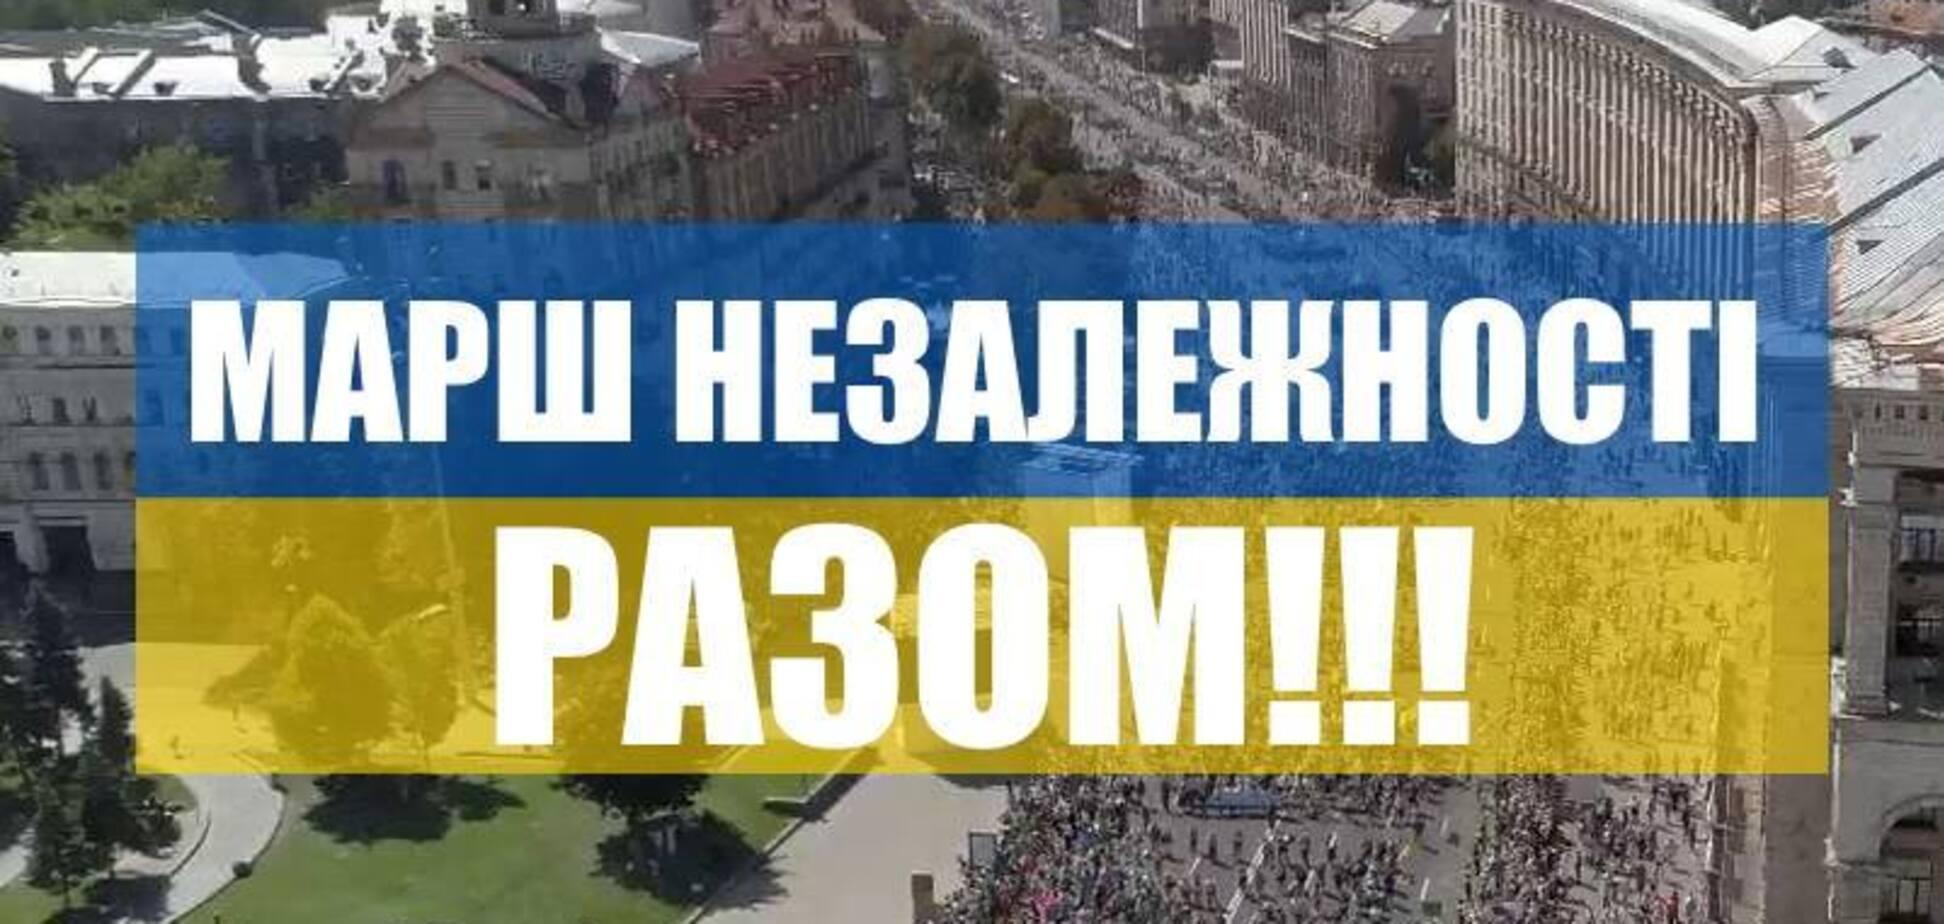 Марш Незалежності: ми не дозволимо принижувати волю десятків тисяч воїнів